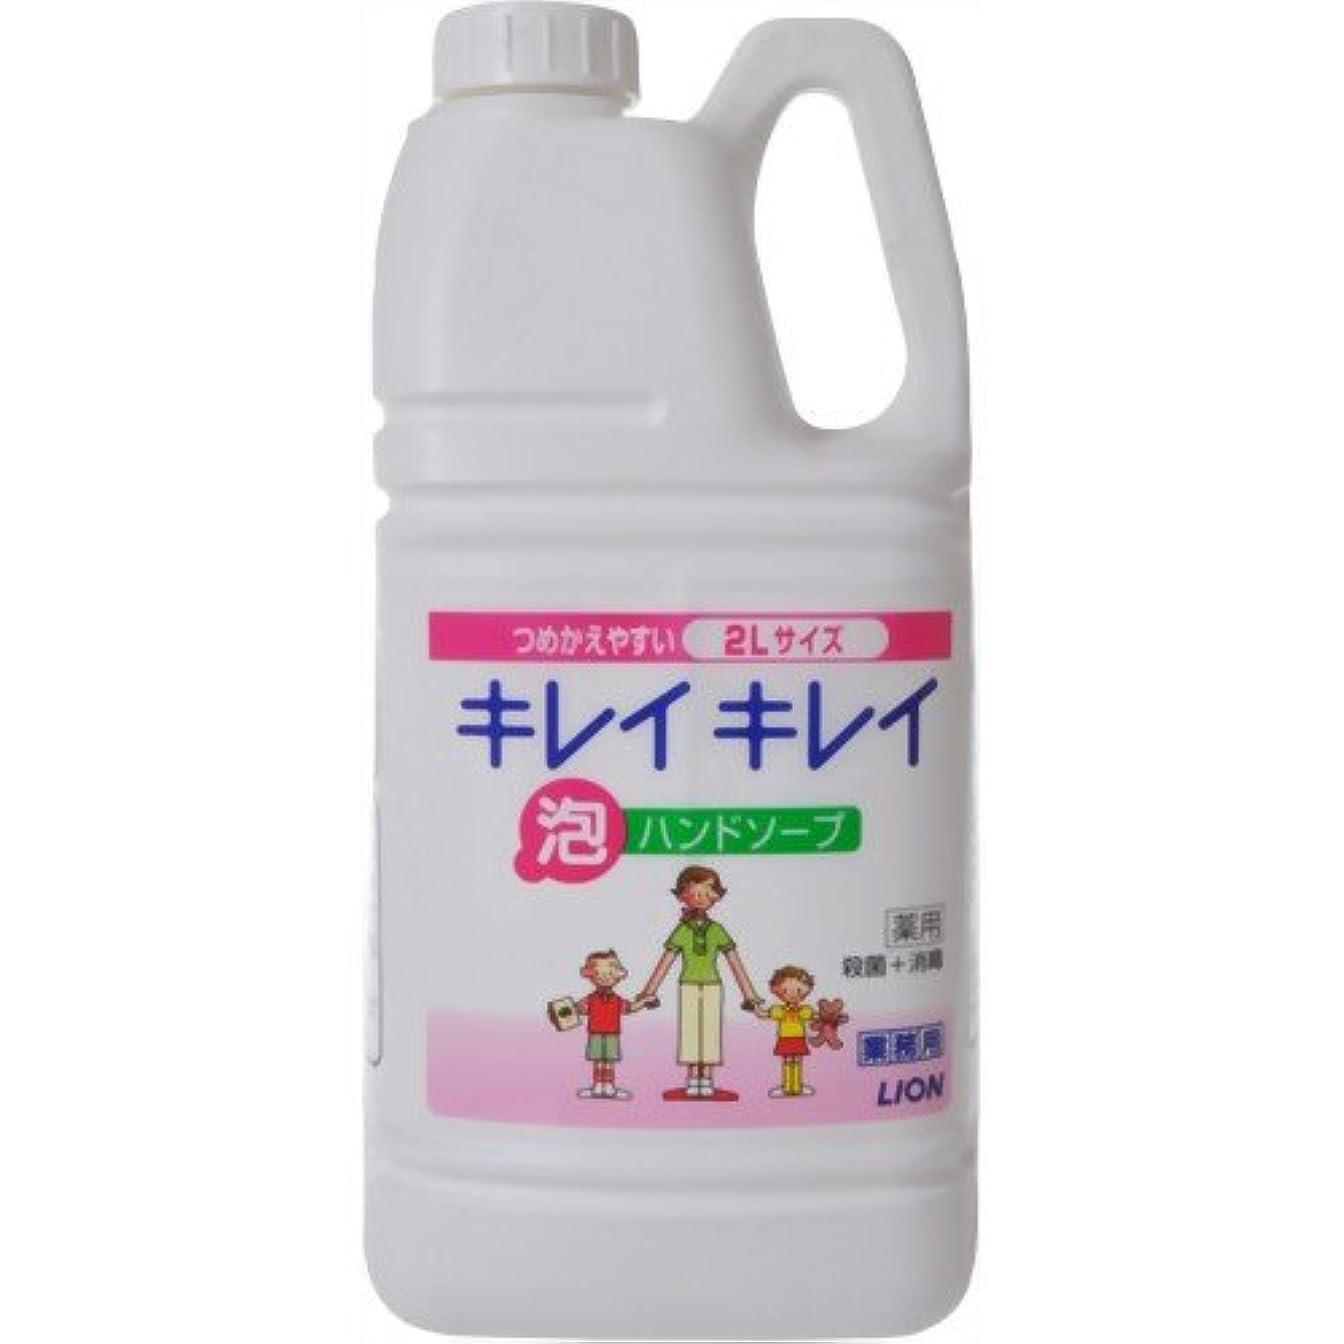 肌寒いグリーンランド返済キレイキレイ薬用泡ハンドソープ2L(業務用)